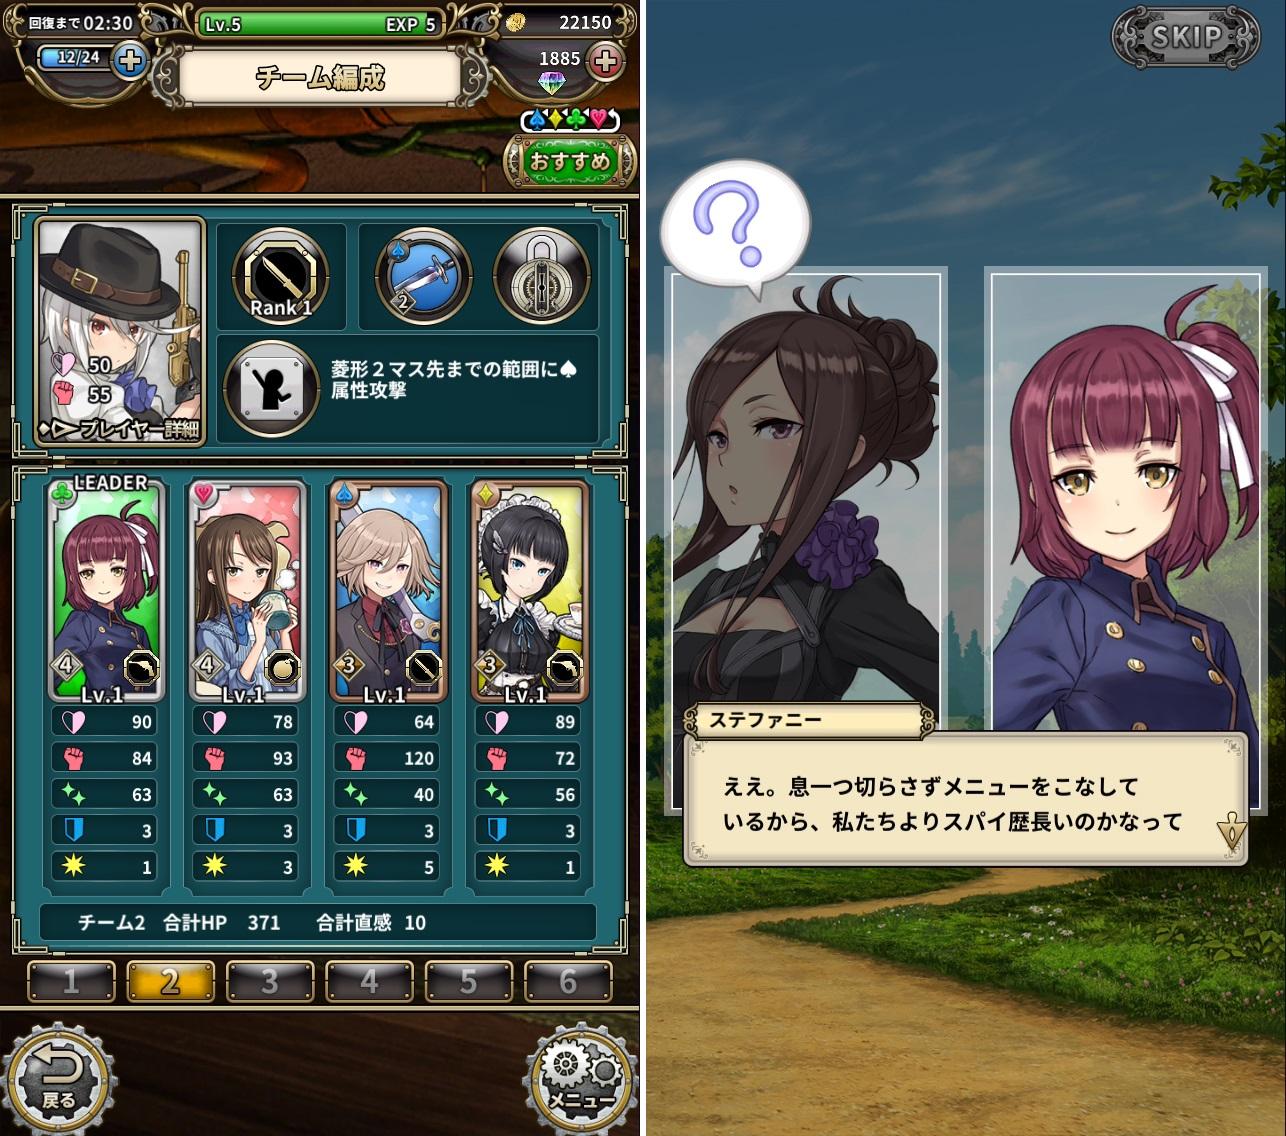 プリンセス・プリンシパル GAME OF MISSION【ゲームレビュー】